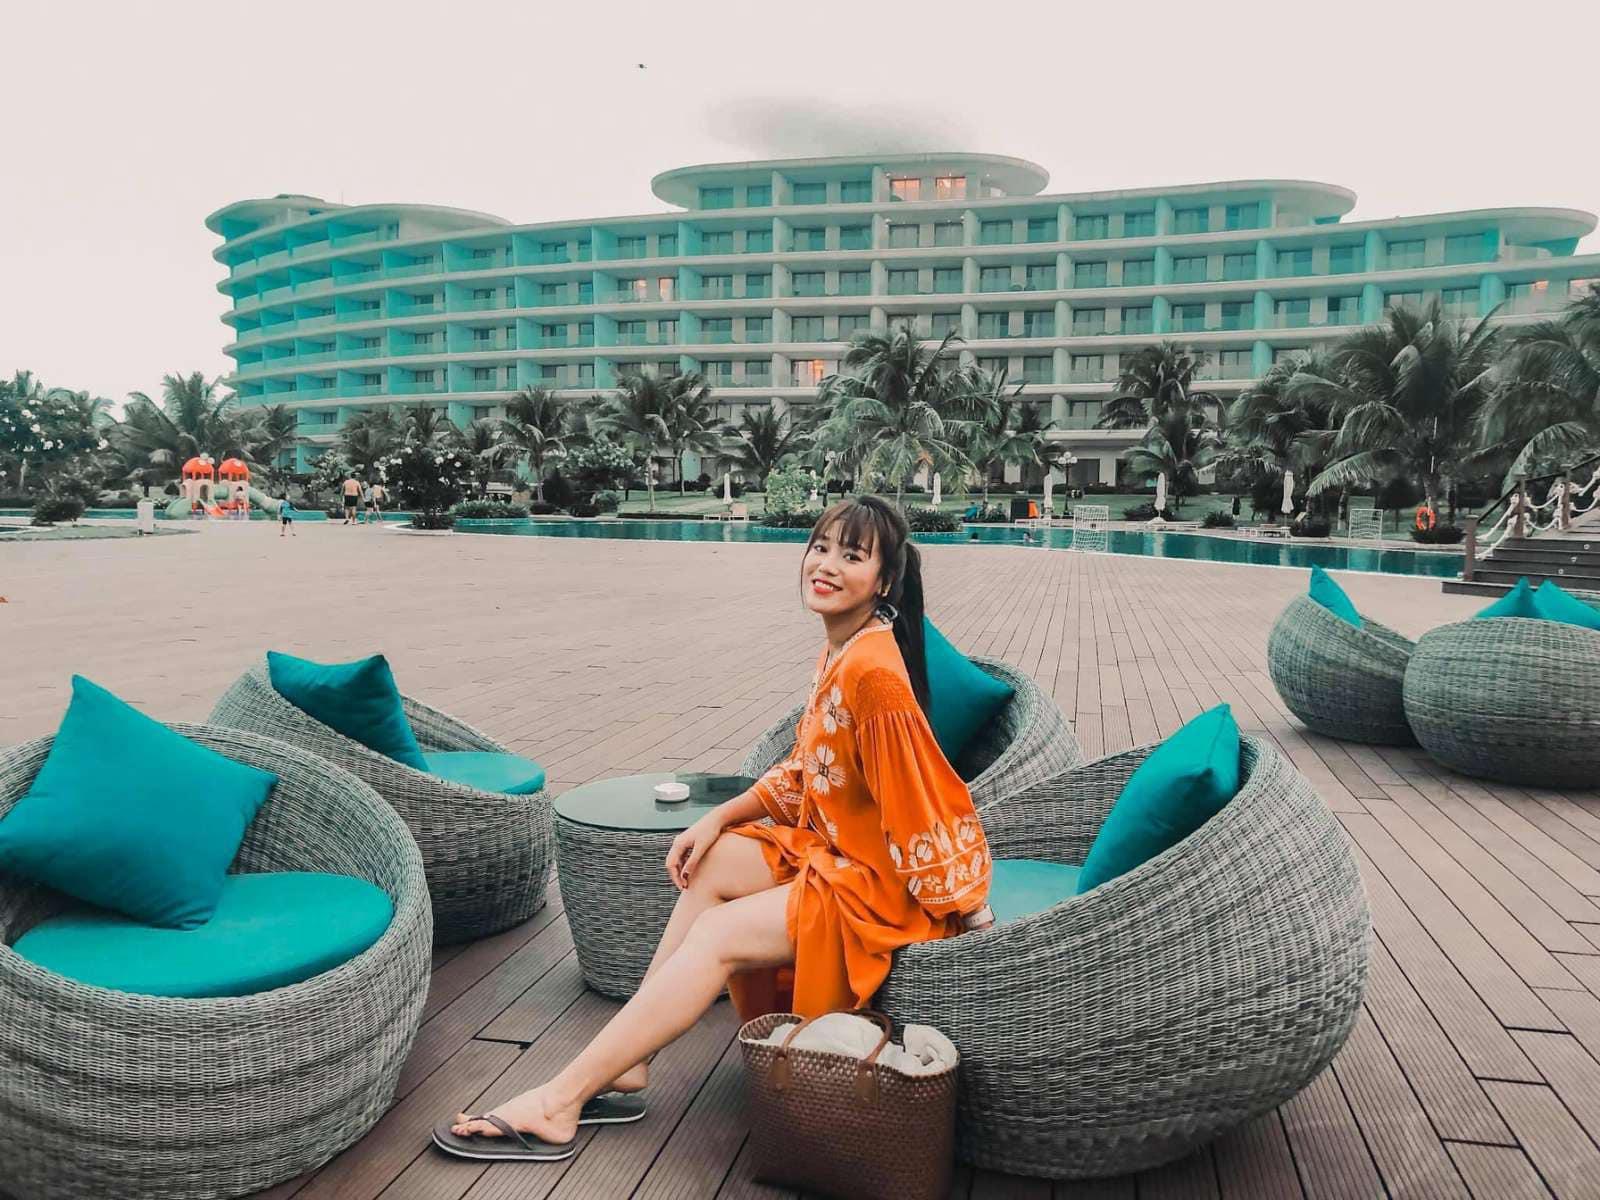 Đừng quên check-in khu nghỉ dưỡng 5* hiện đại FLC Luxury Quy Nhơn